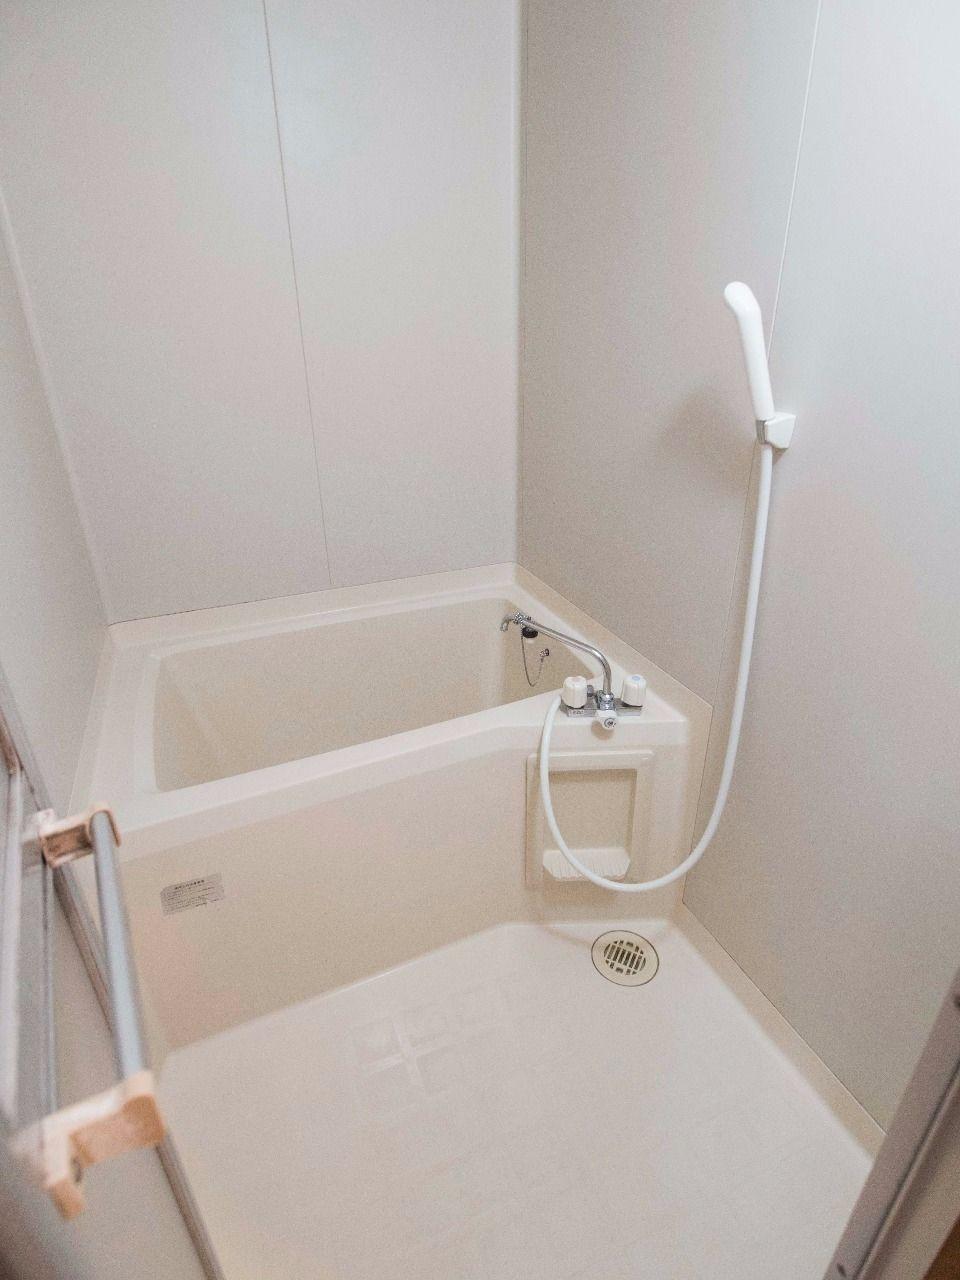 ユニット式バスルームでお掃除もカンタン